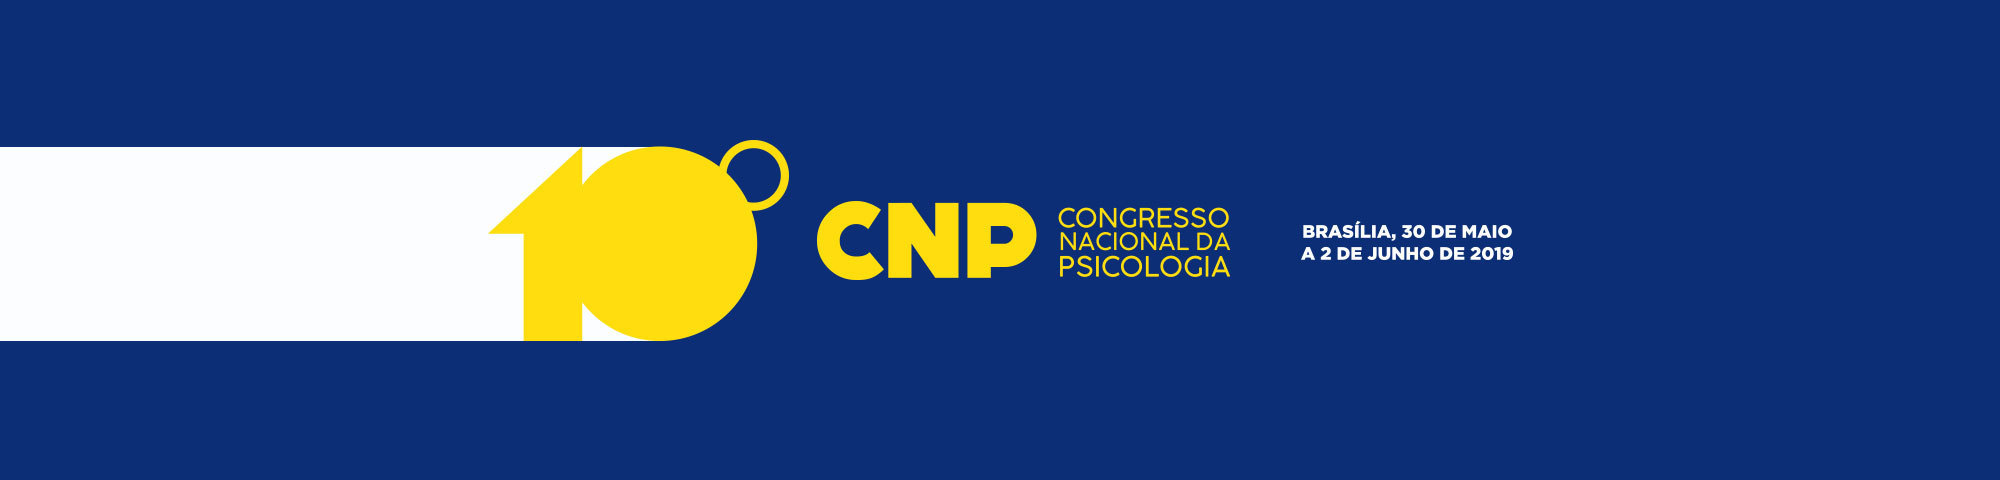 Banner CNP